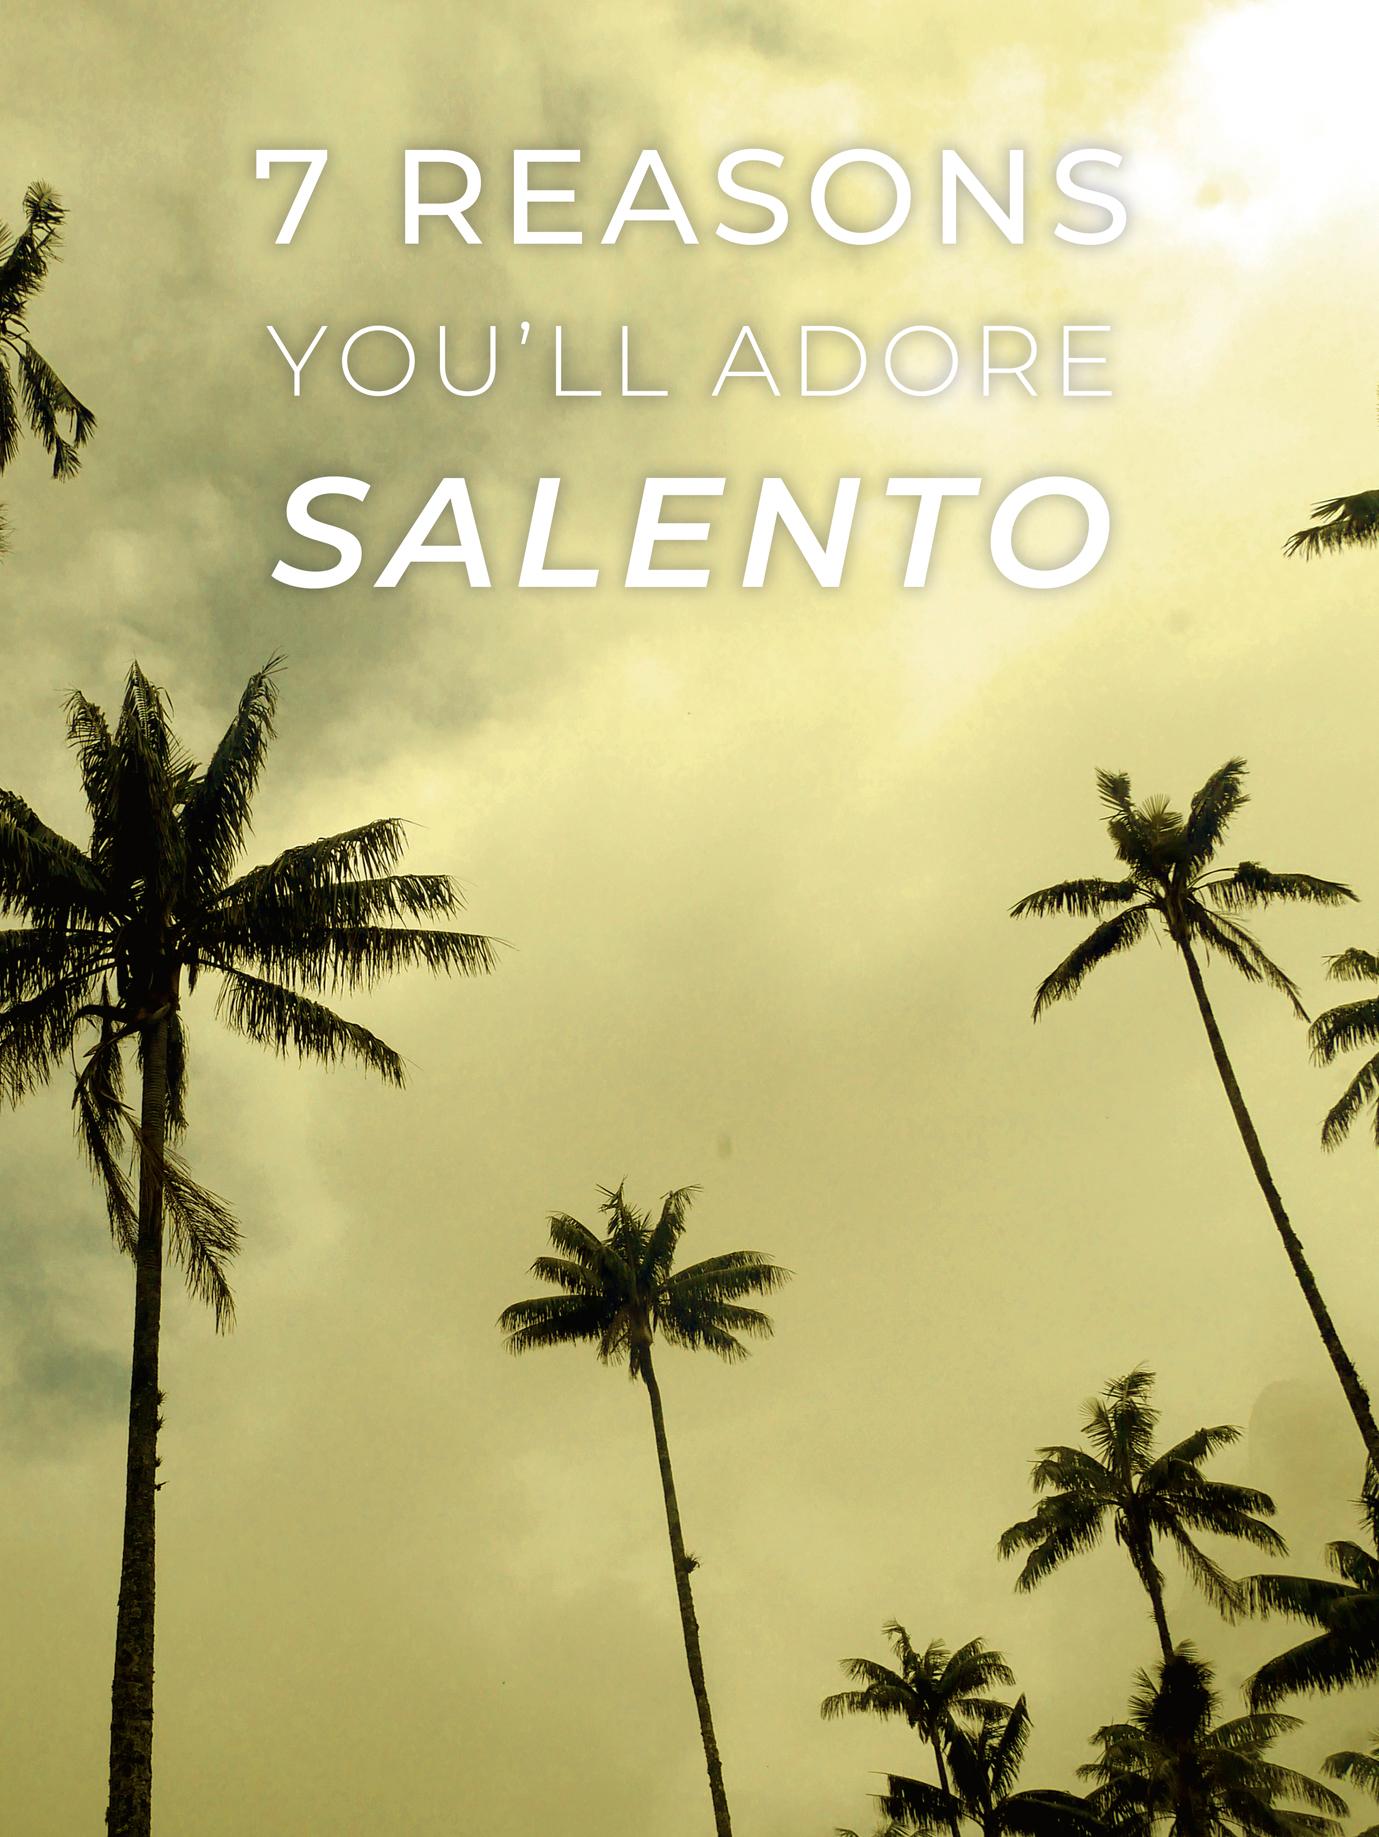 7 Reasons You'll Adore Salento